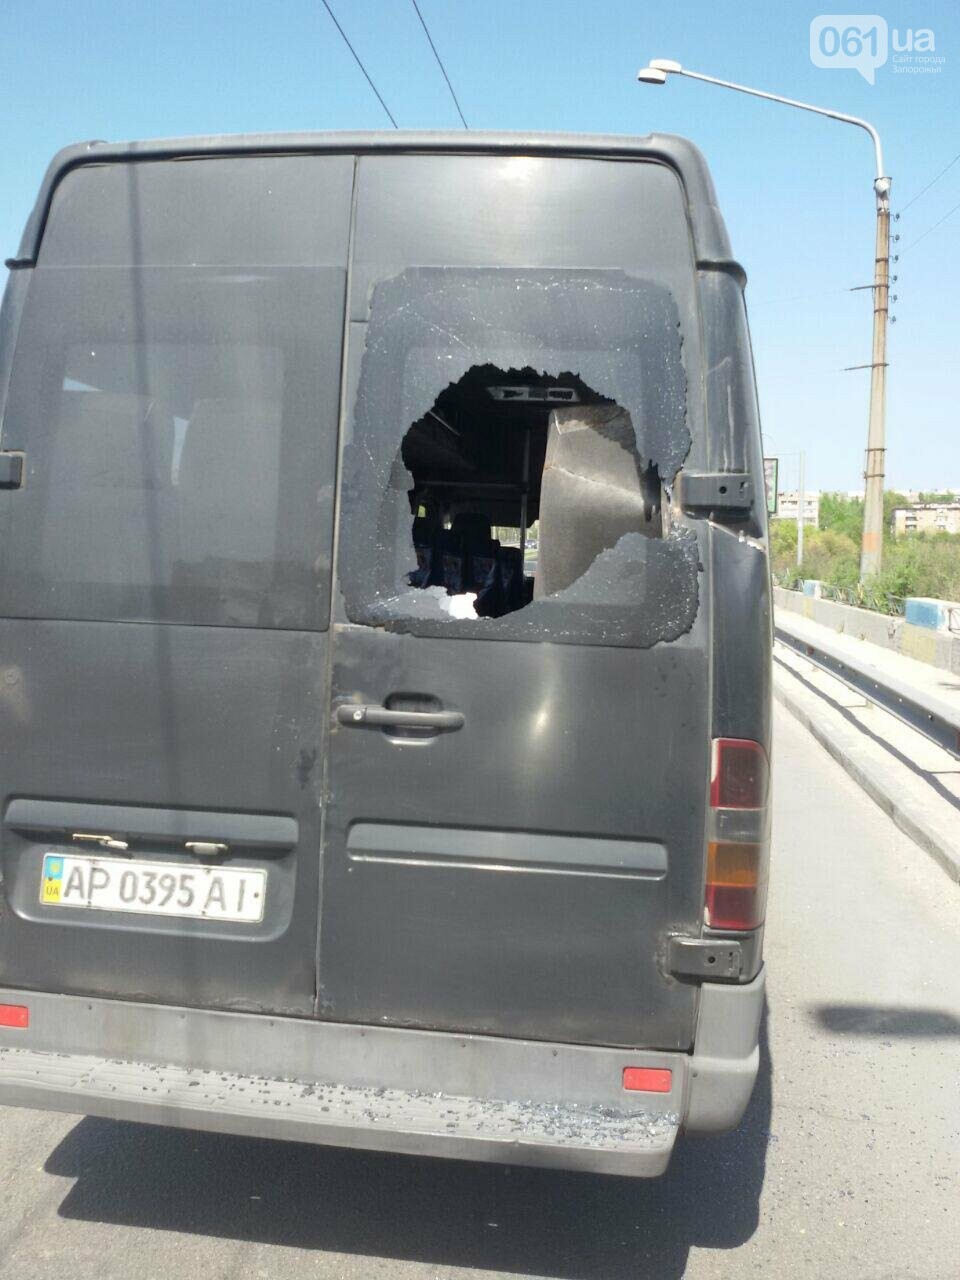 В Запорожье токоприемник троллейбуса упал и разбил стекла в маршрутке, - ФОТО, фото-1